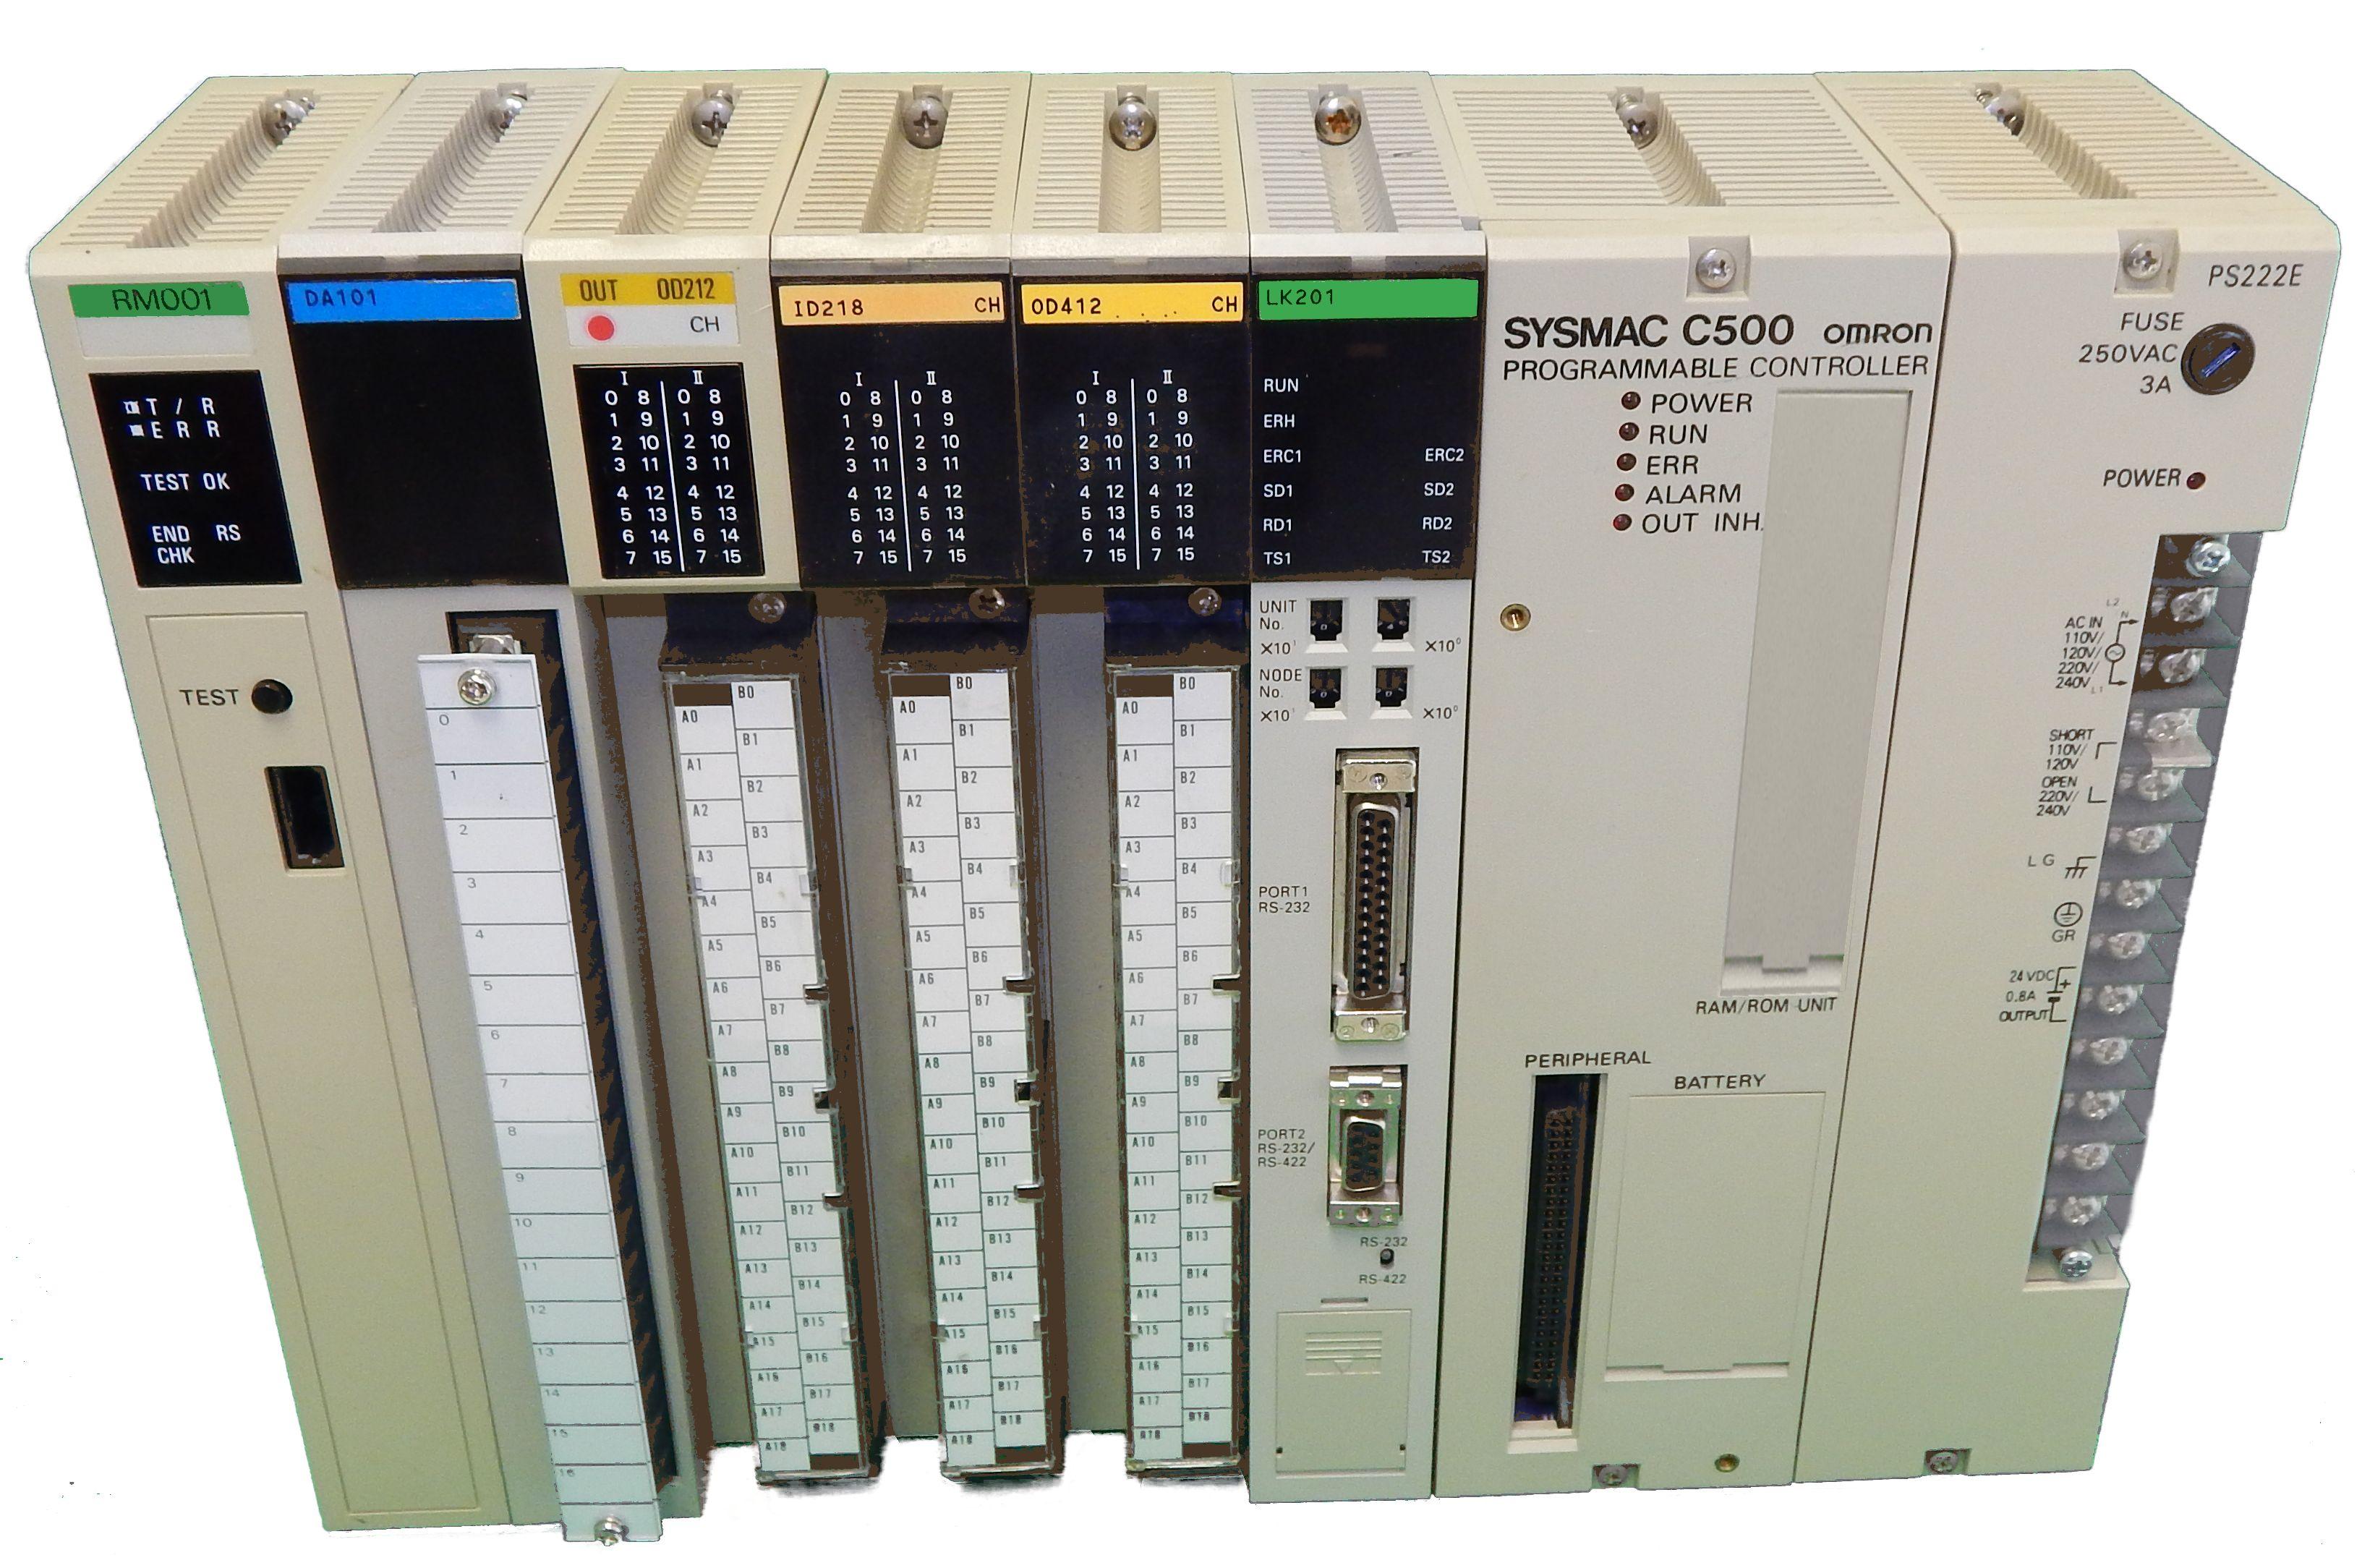 3G2C3-CPU11-EV1